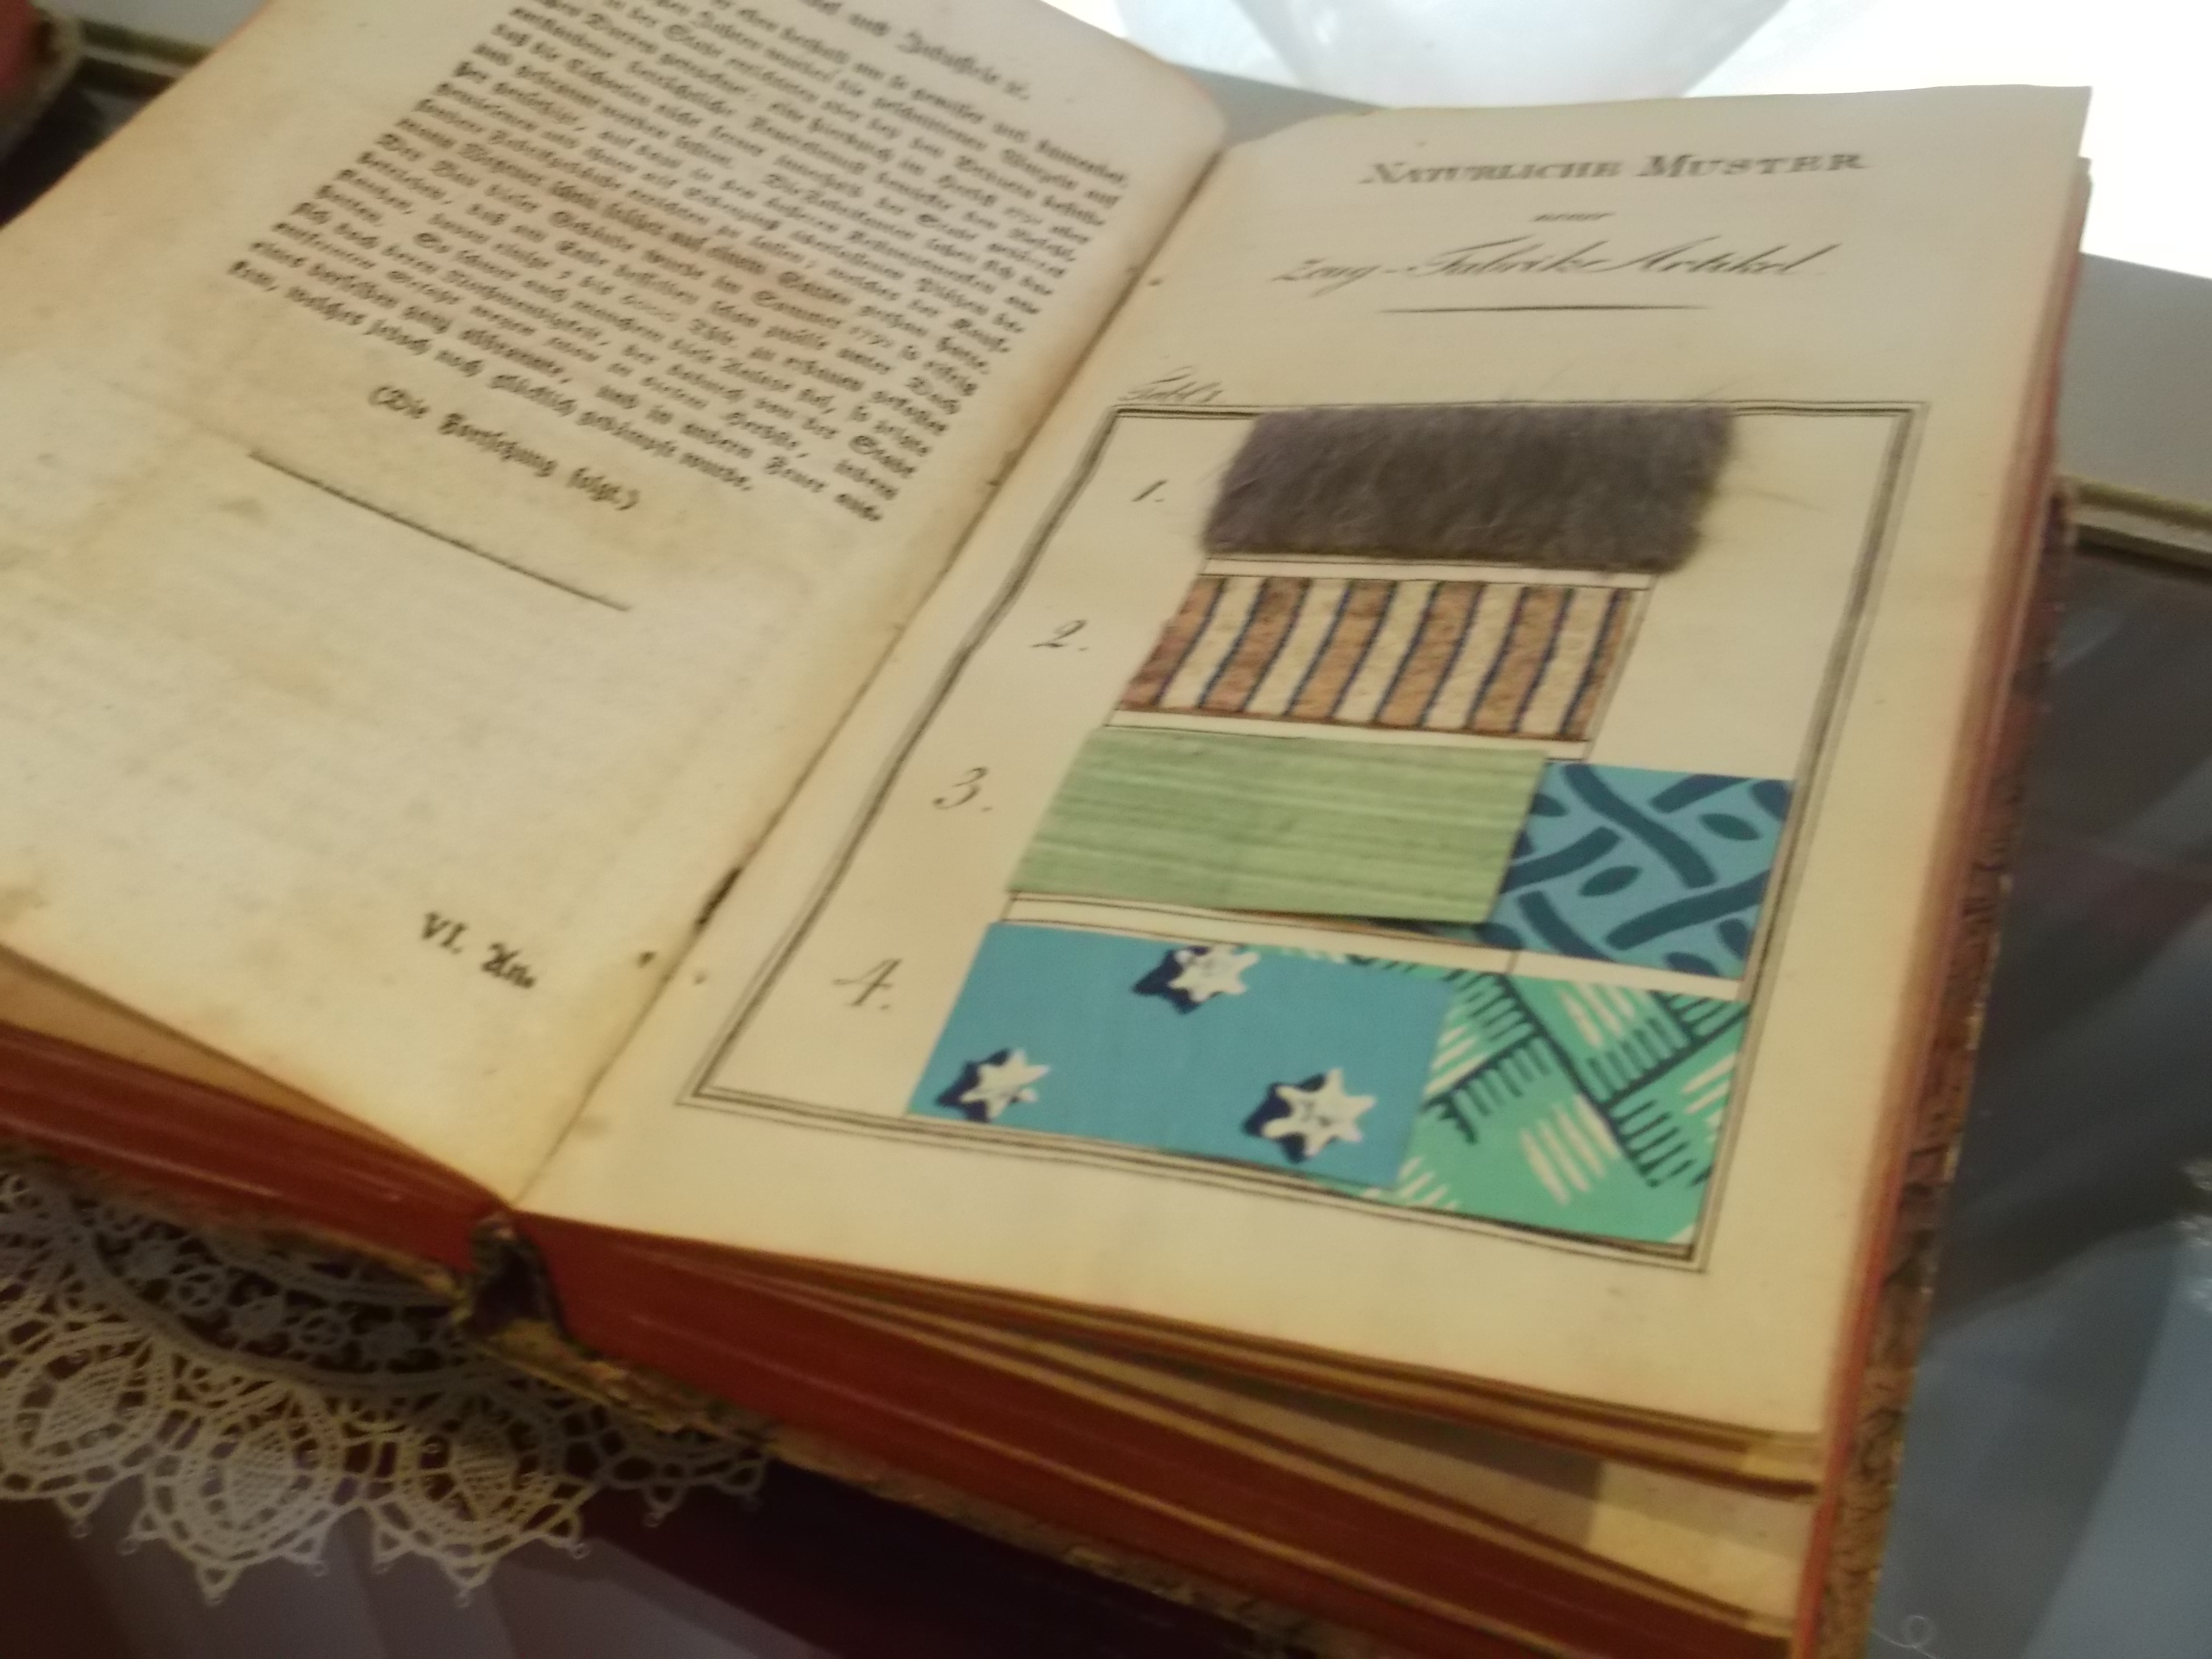 Коллекционер из Швейцарии преподнесла вологодскому музею  подарок стоимостью 50 тысяч фунтов